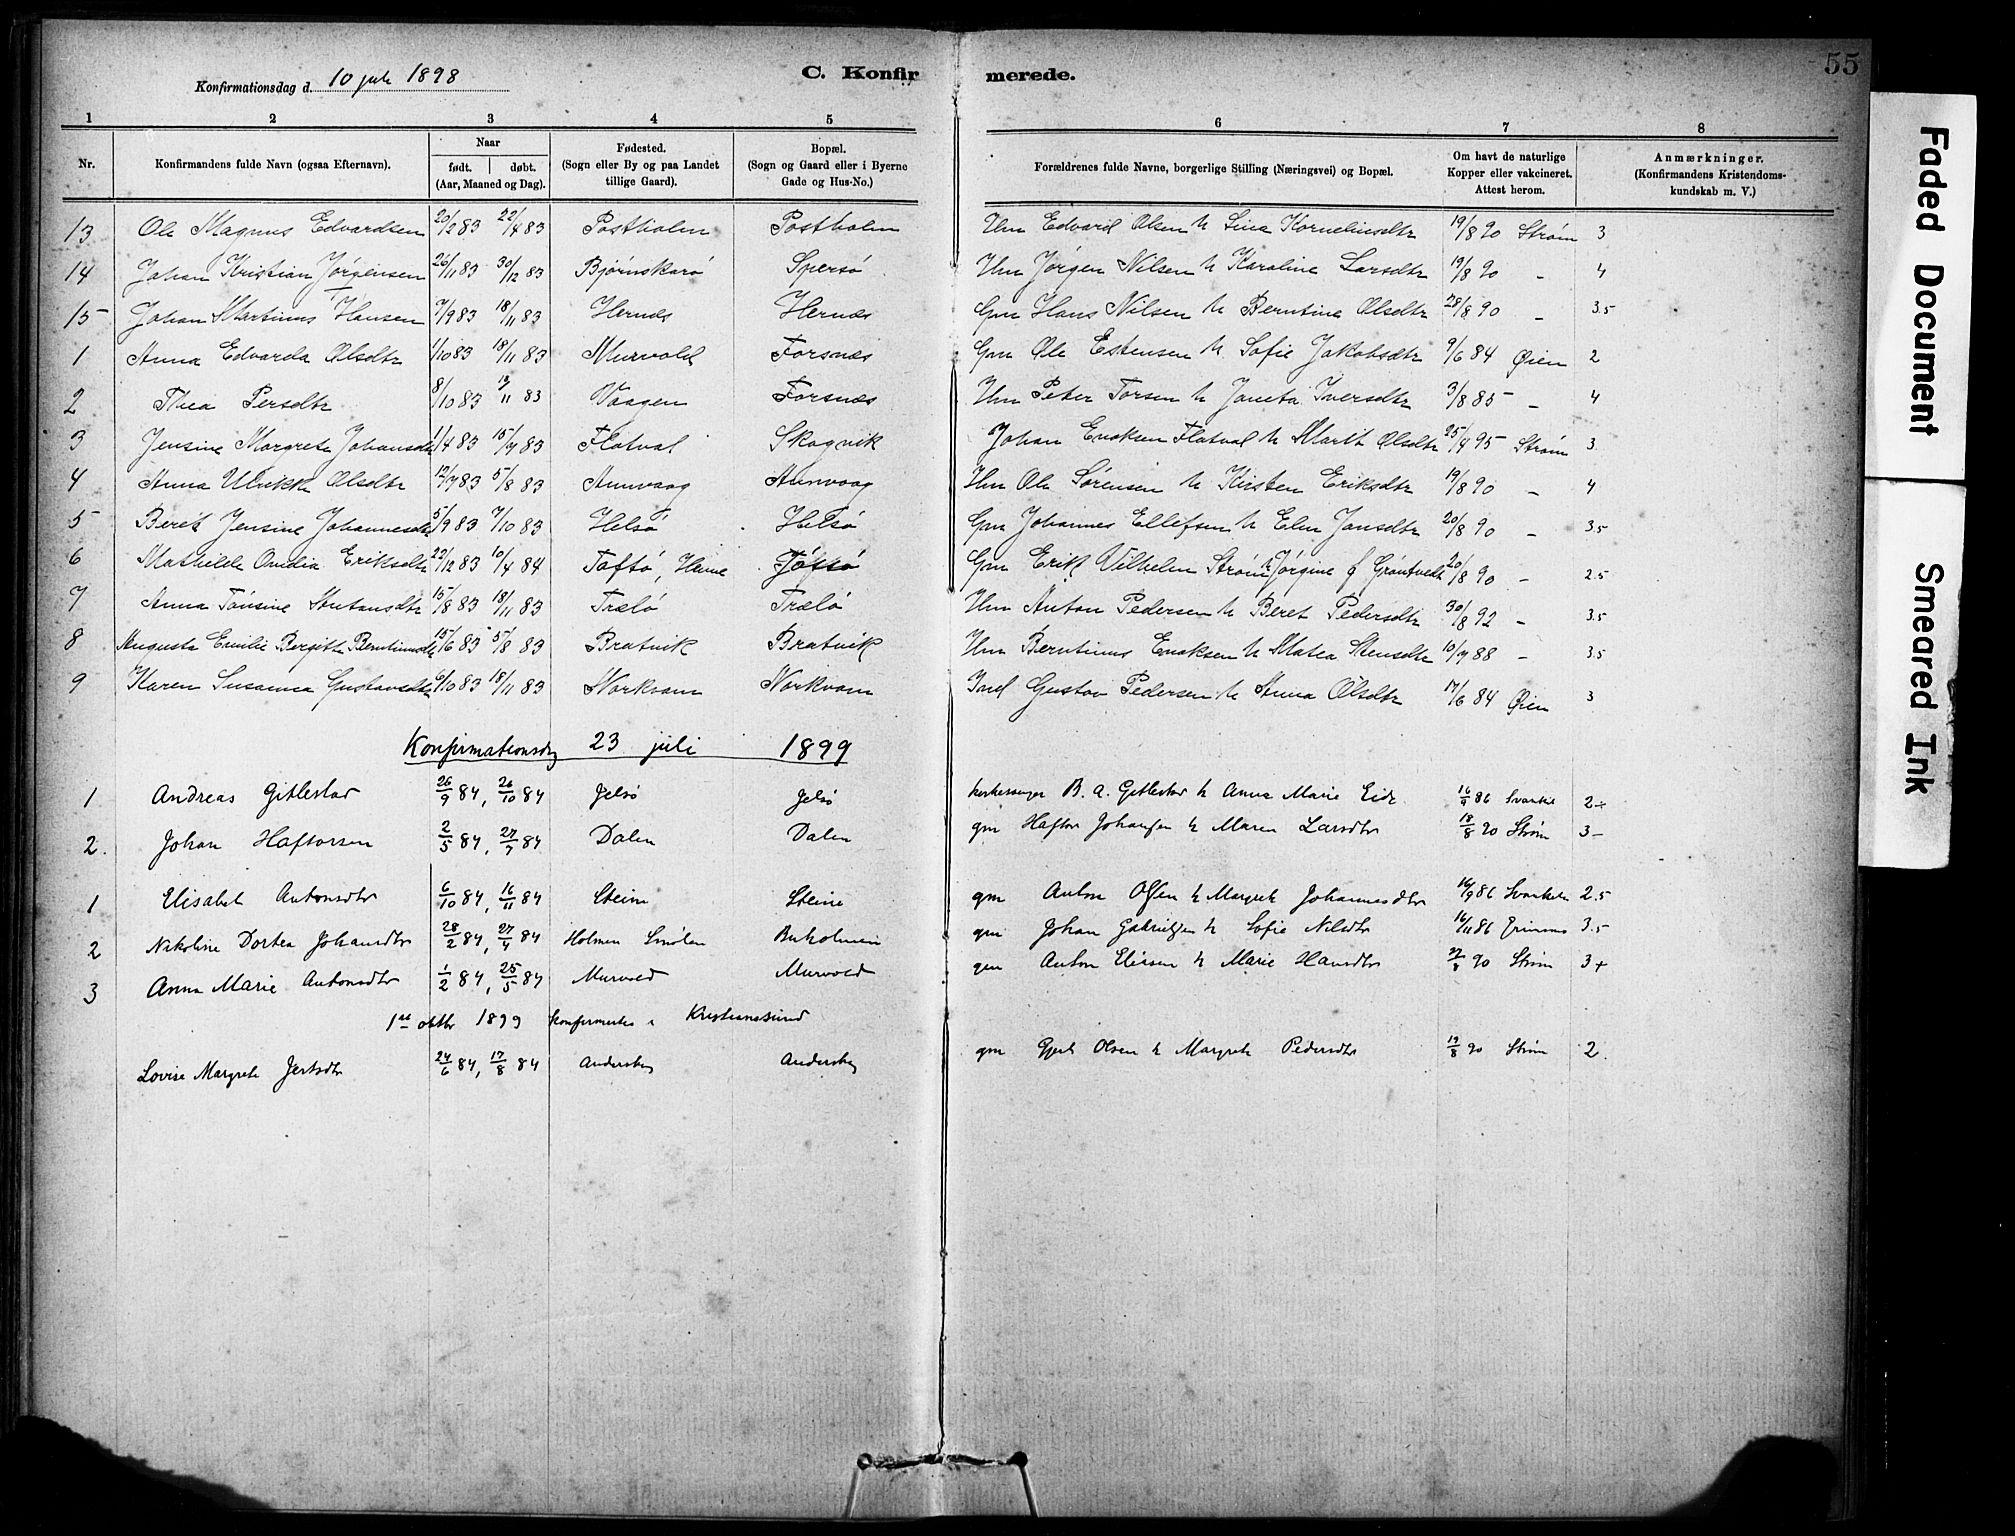 SAT, Ministerialprotokoller, klokkerbøker og fødselsregistre - Sør-Trøndelag, 635/L0551: Ministerialbok nr. 635A01, 1882-1899, s. 55